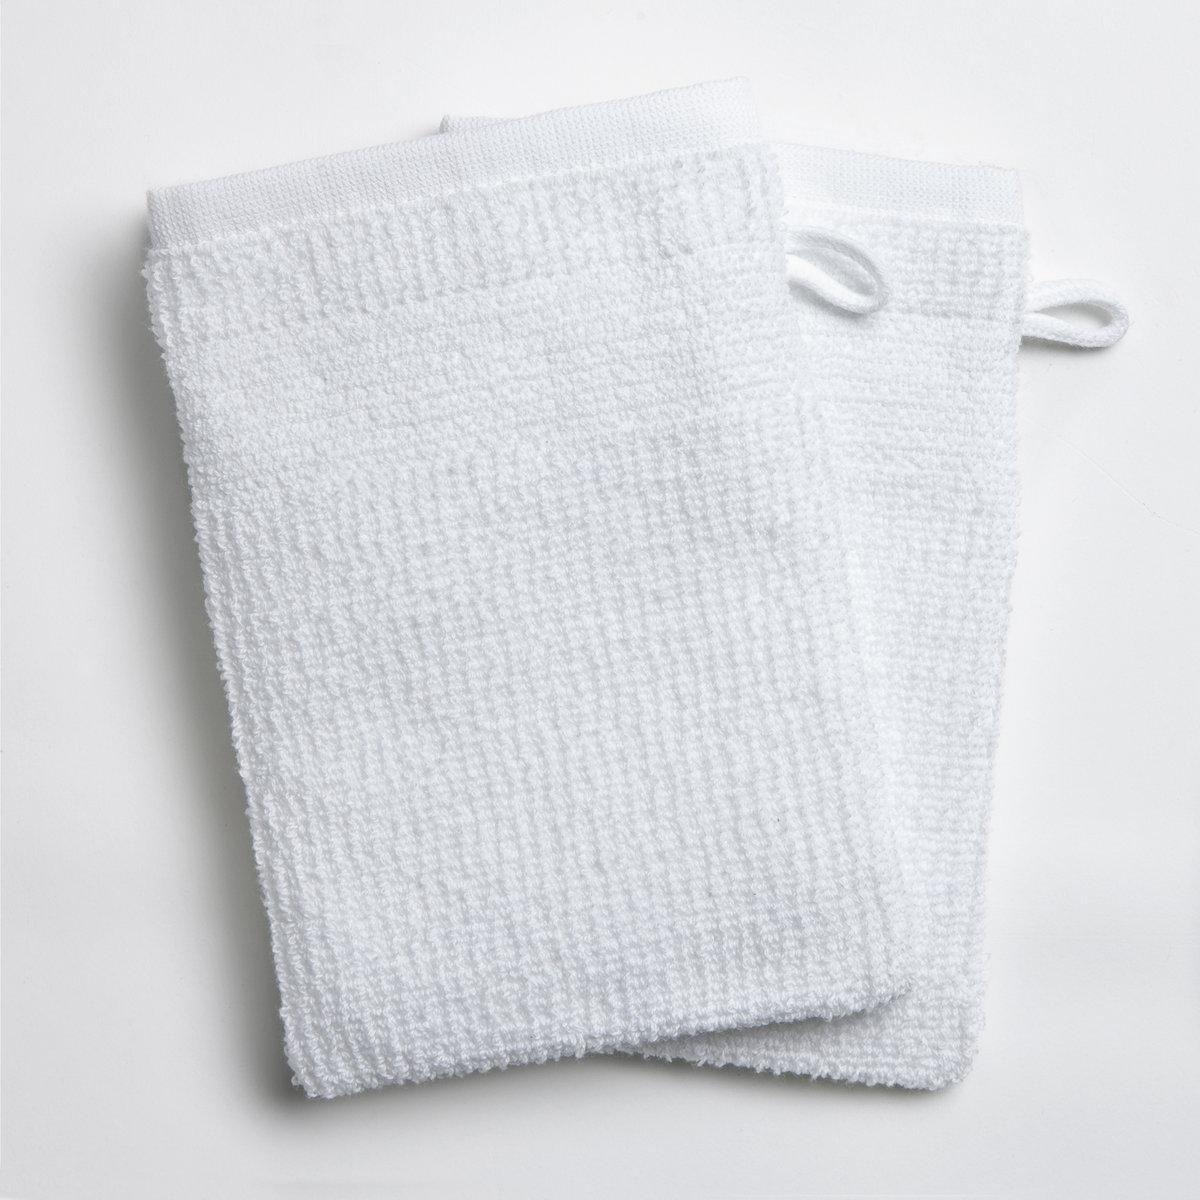 2 рукавицы банных из плетёной ткани рисовое зерно 400 г/м?